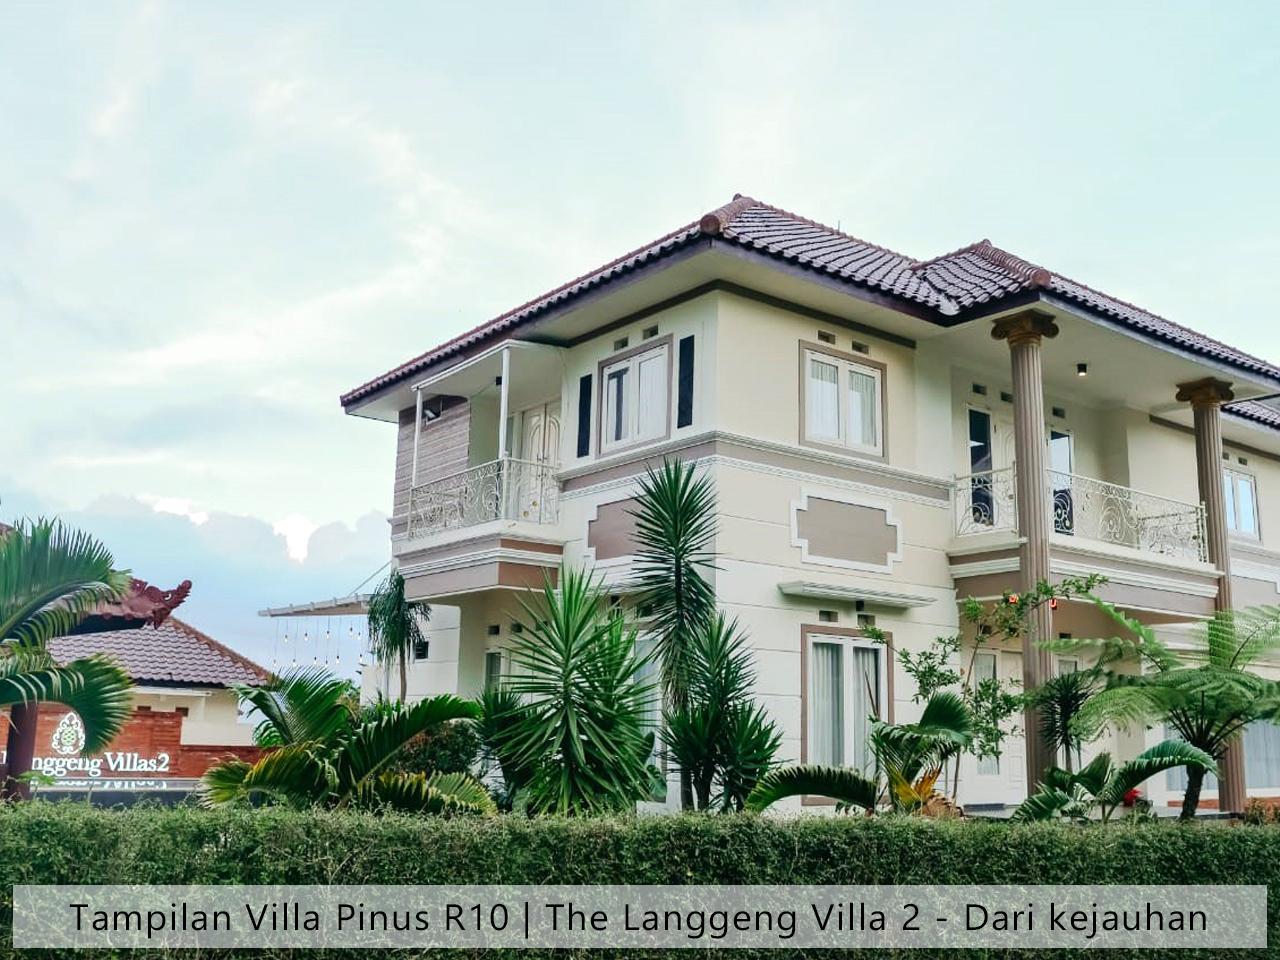 the langgeng villa 2